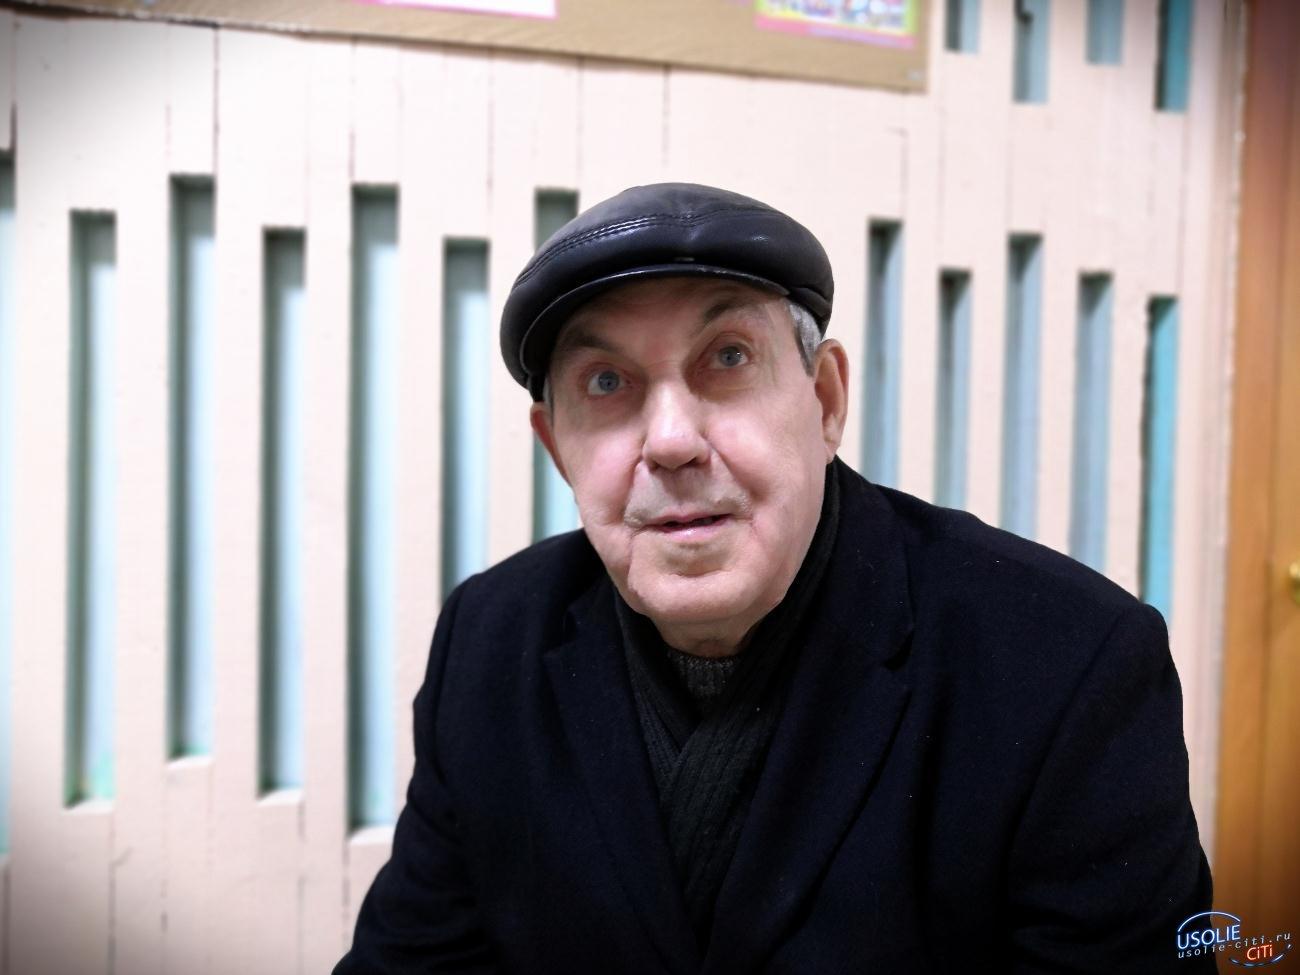 Олег Мрымар: Мэр Усолья пригласил меня на чай